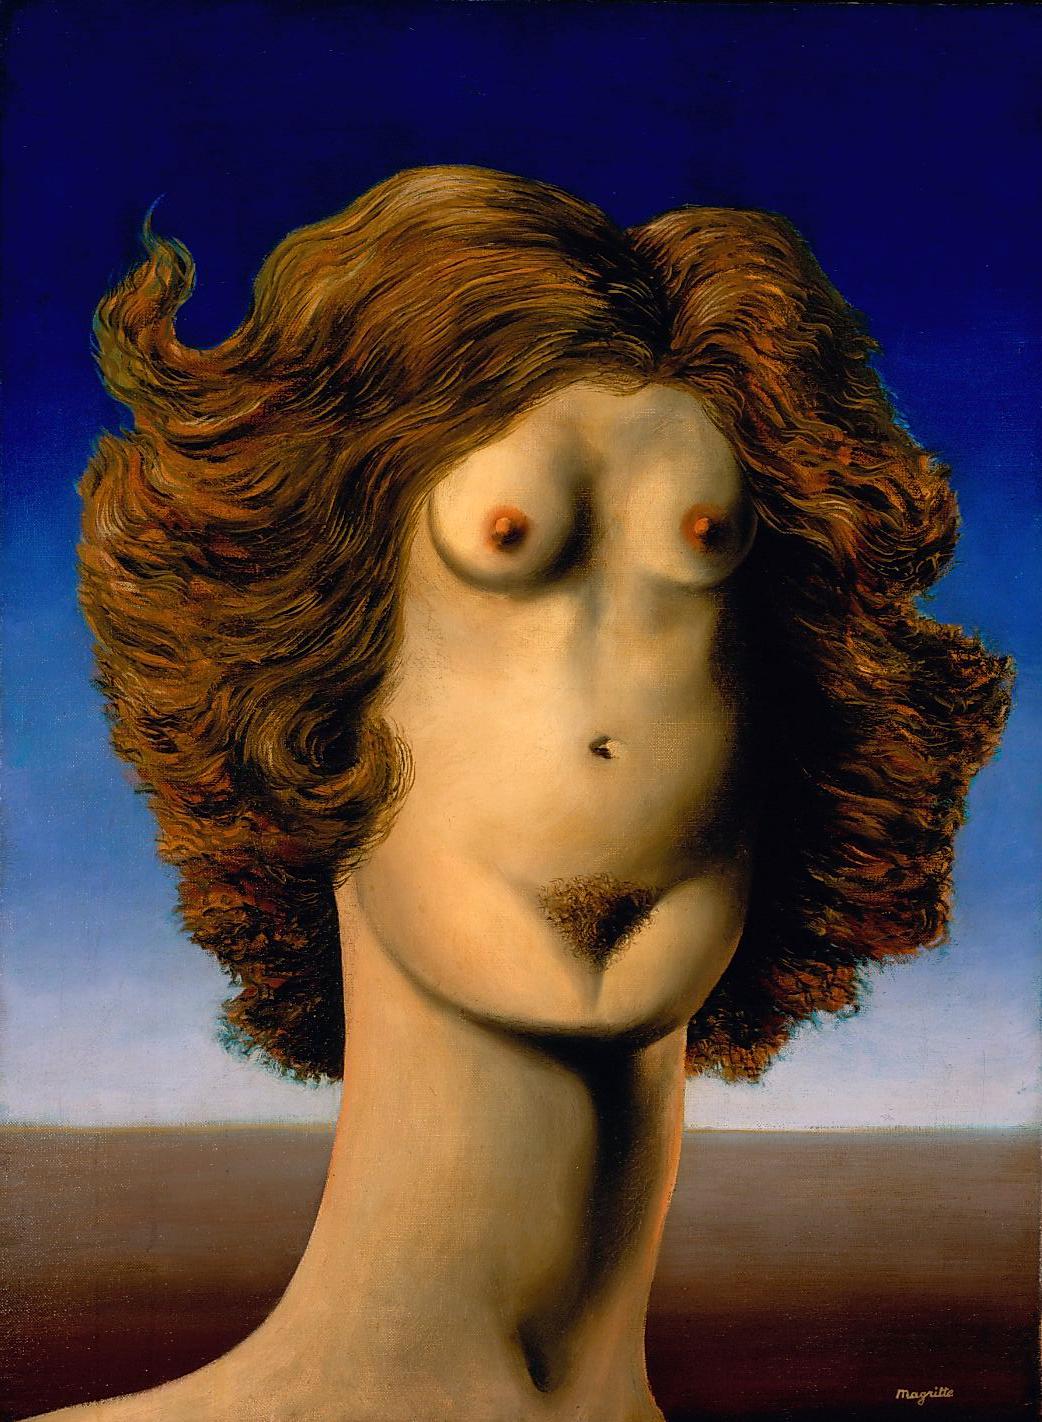 The Rape, René Magritte